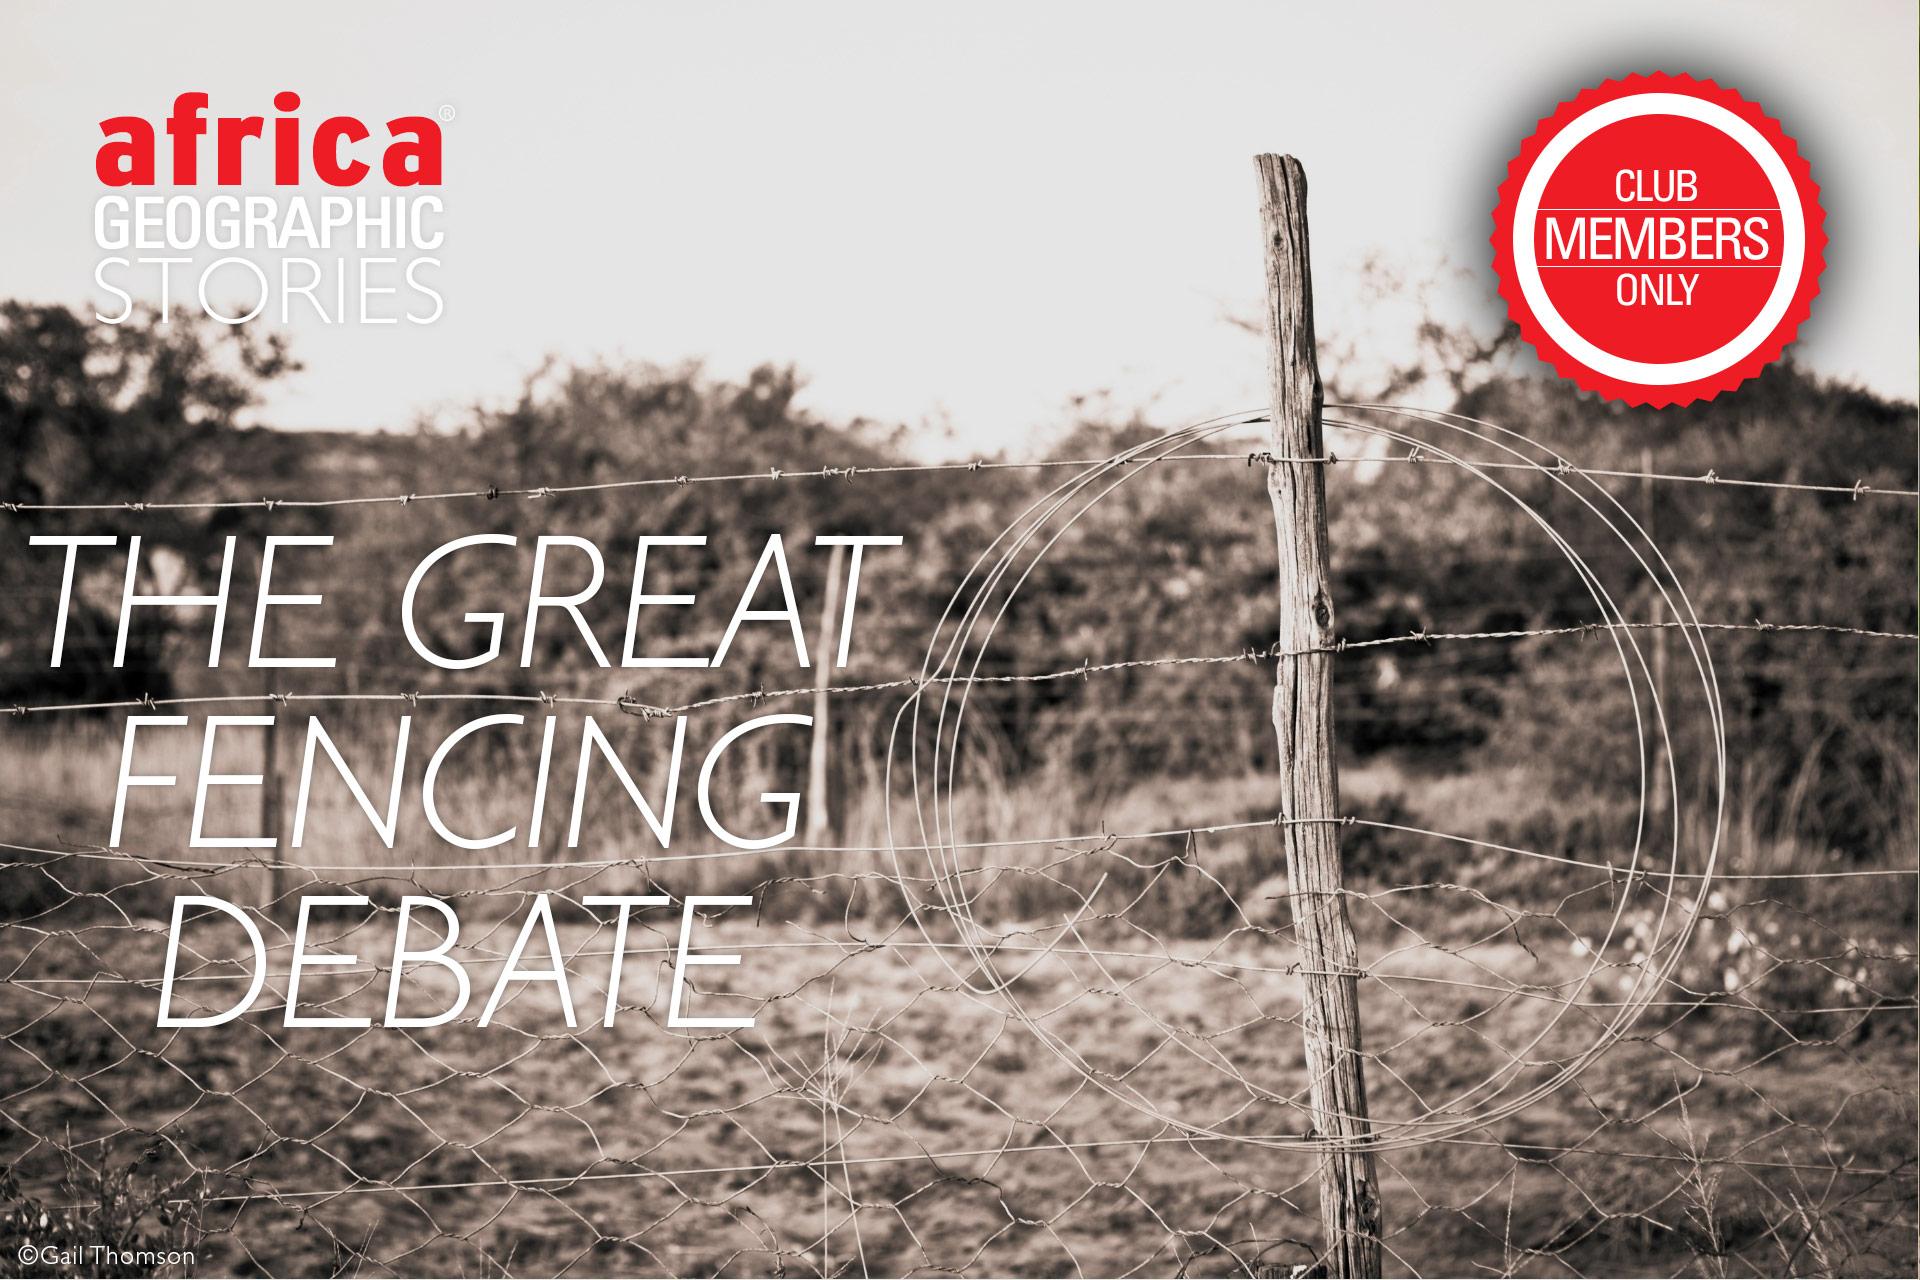 fencing debate